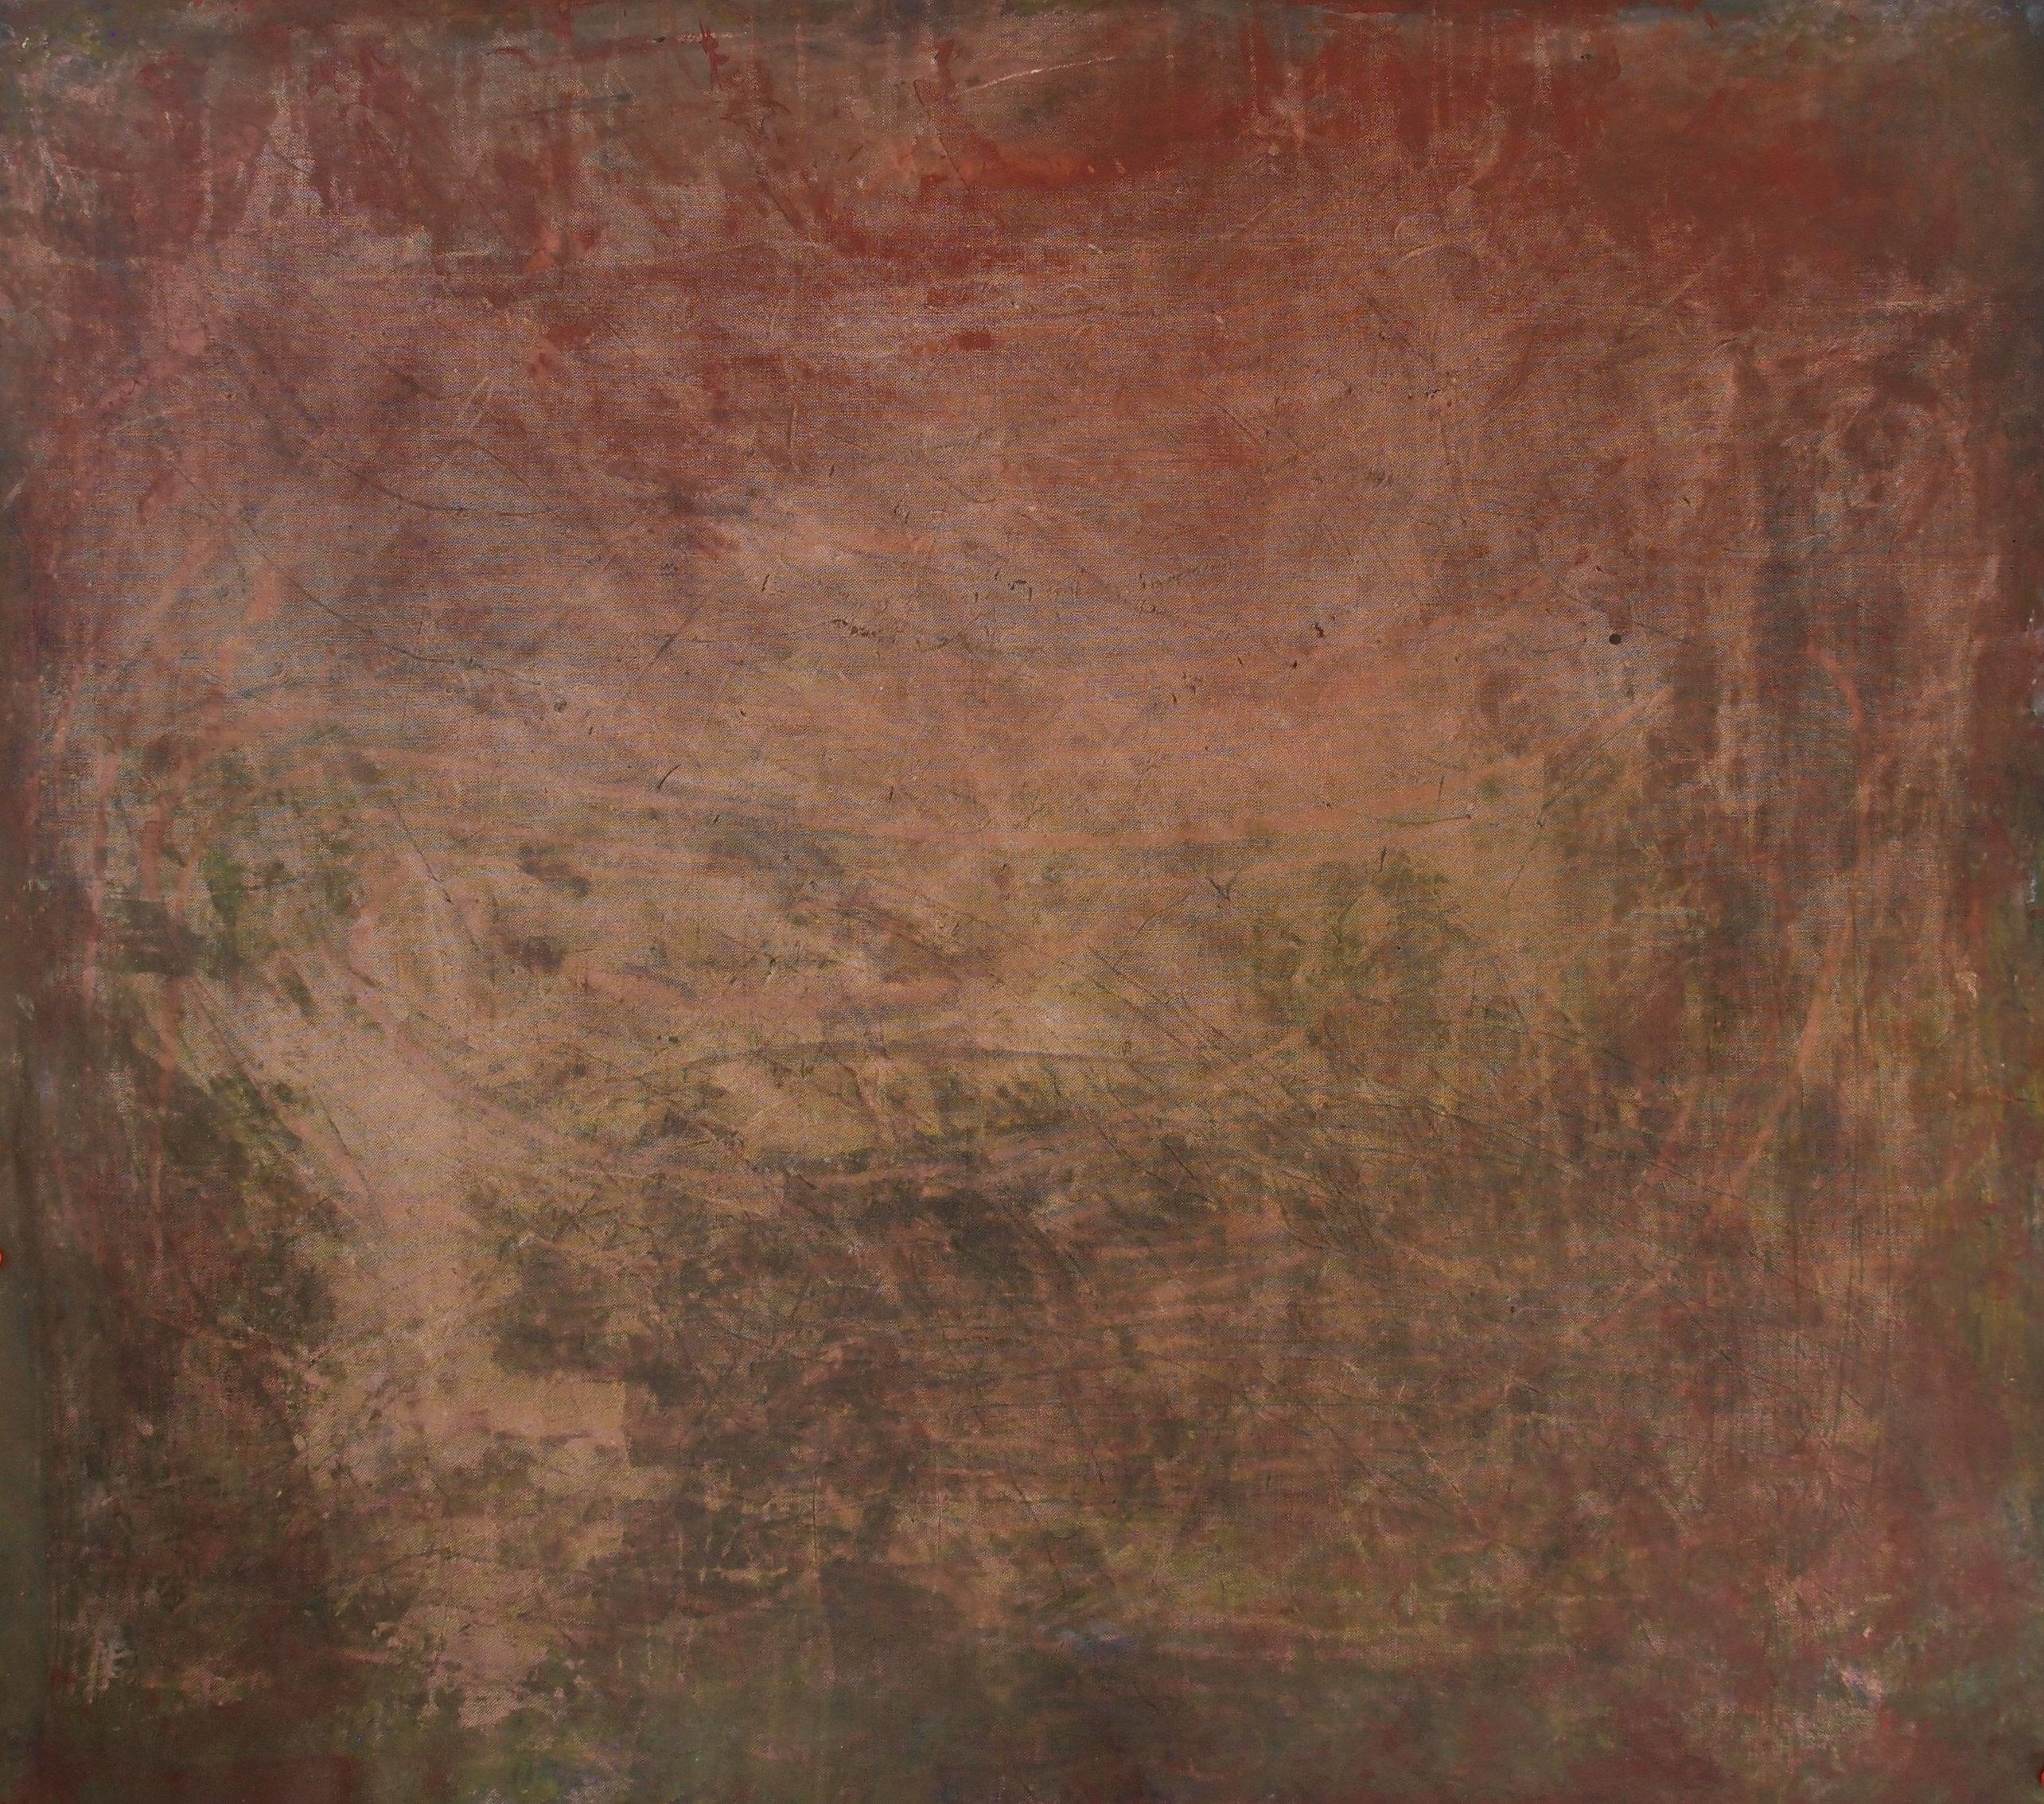 David Leach, Goan Landscape, 2017